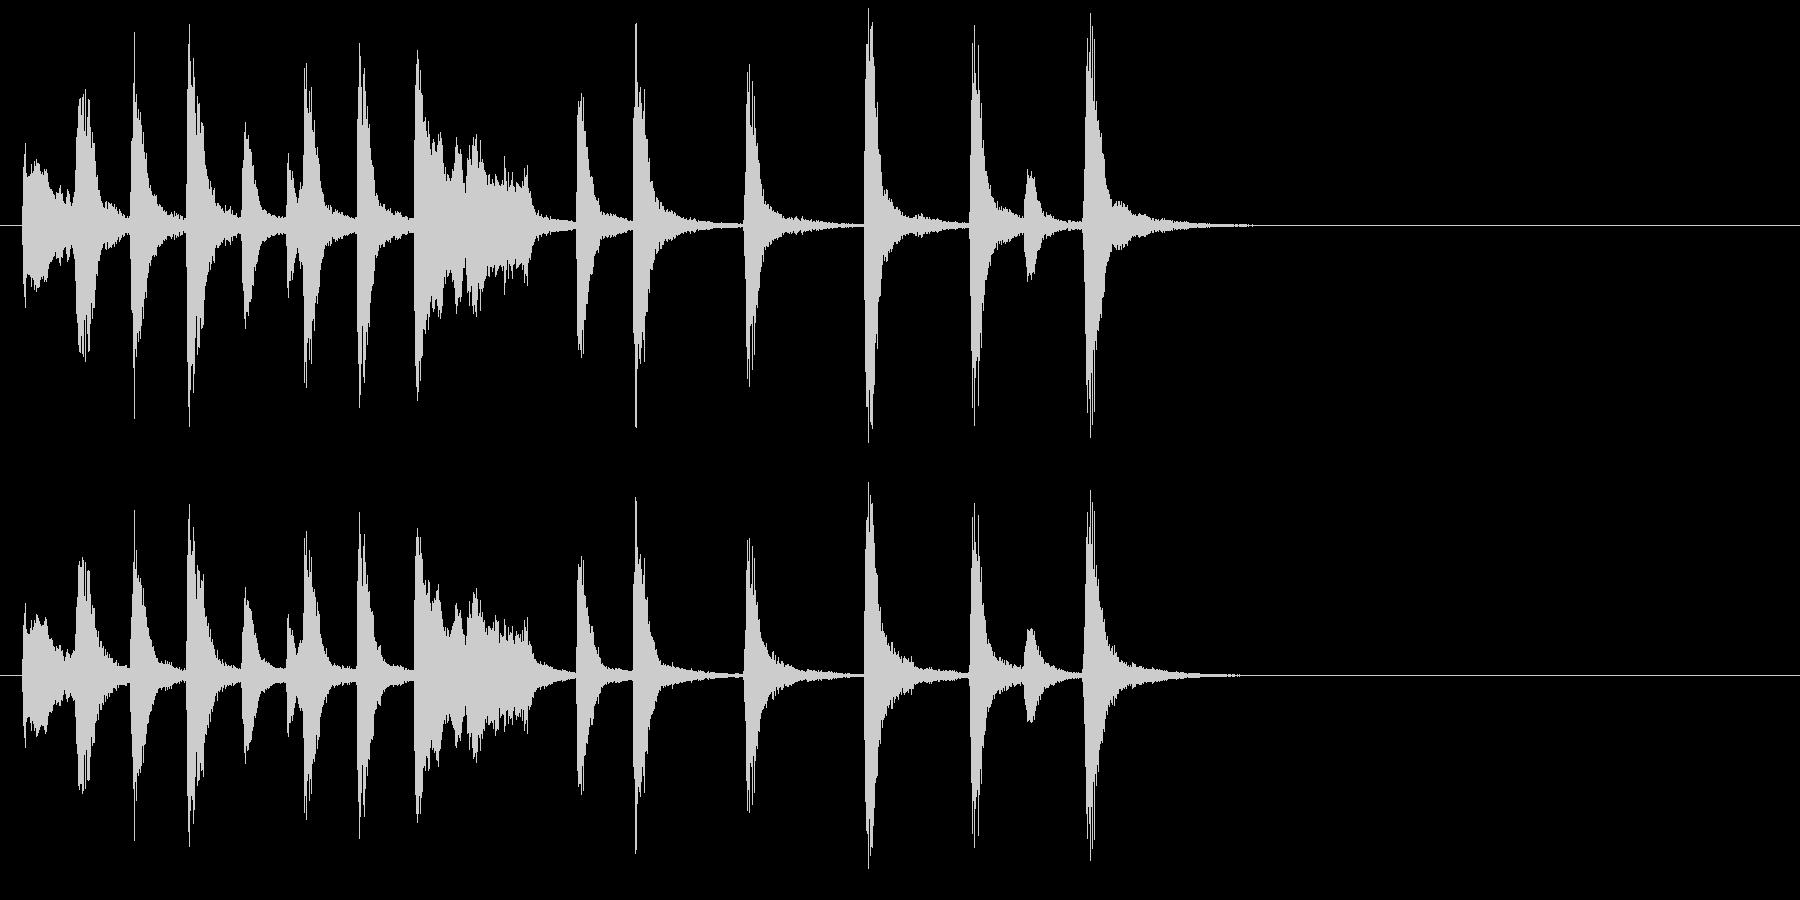 ピアノの明るくほのぼのとしたジングルの未再生の波形